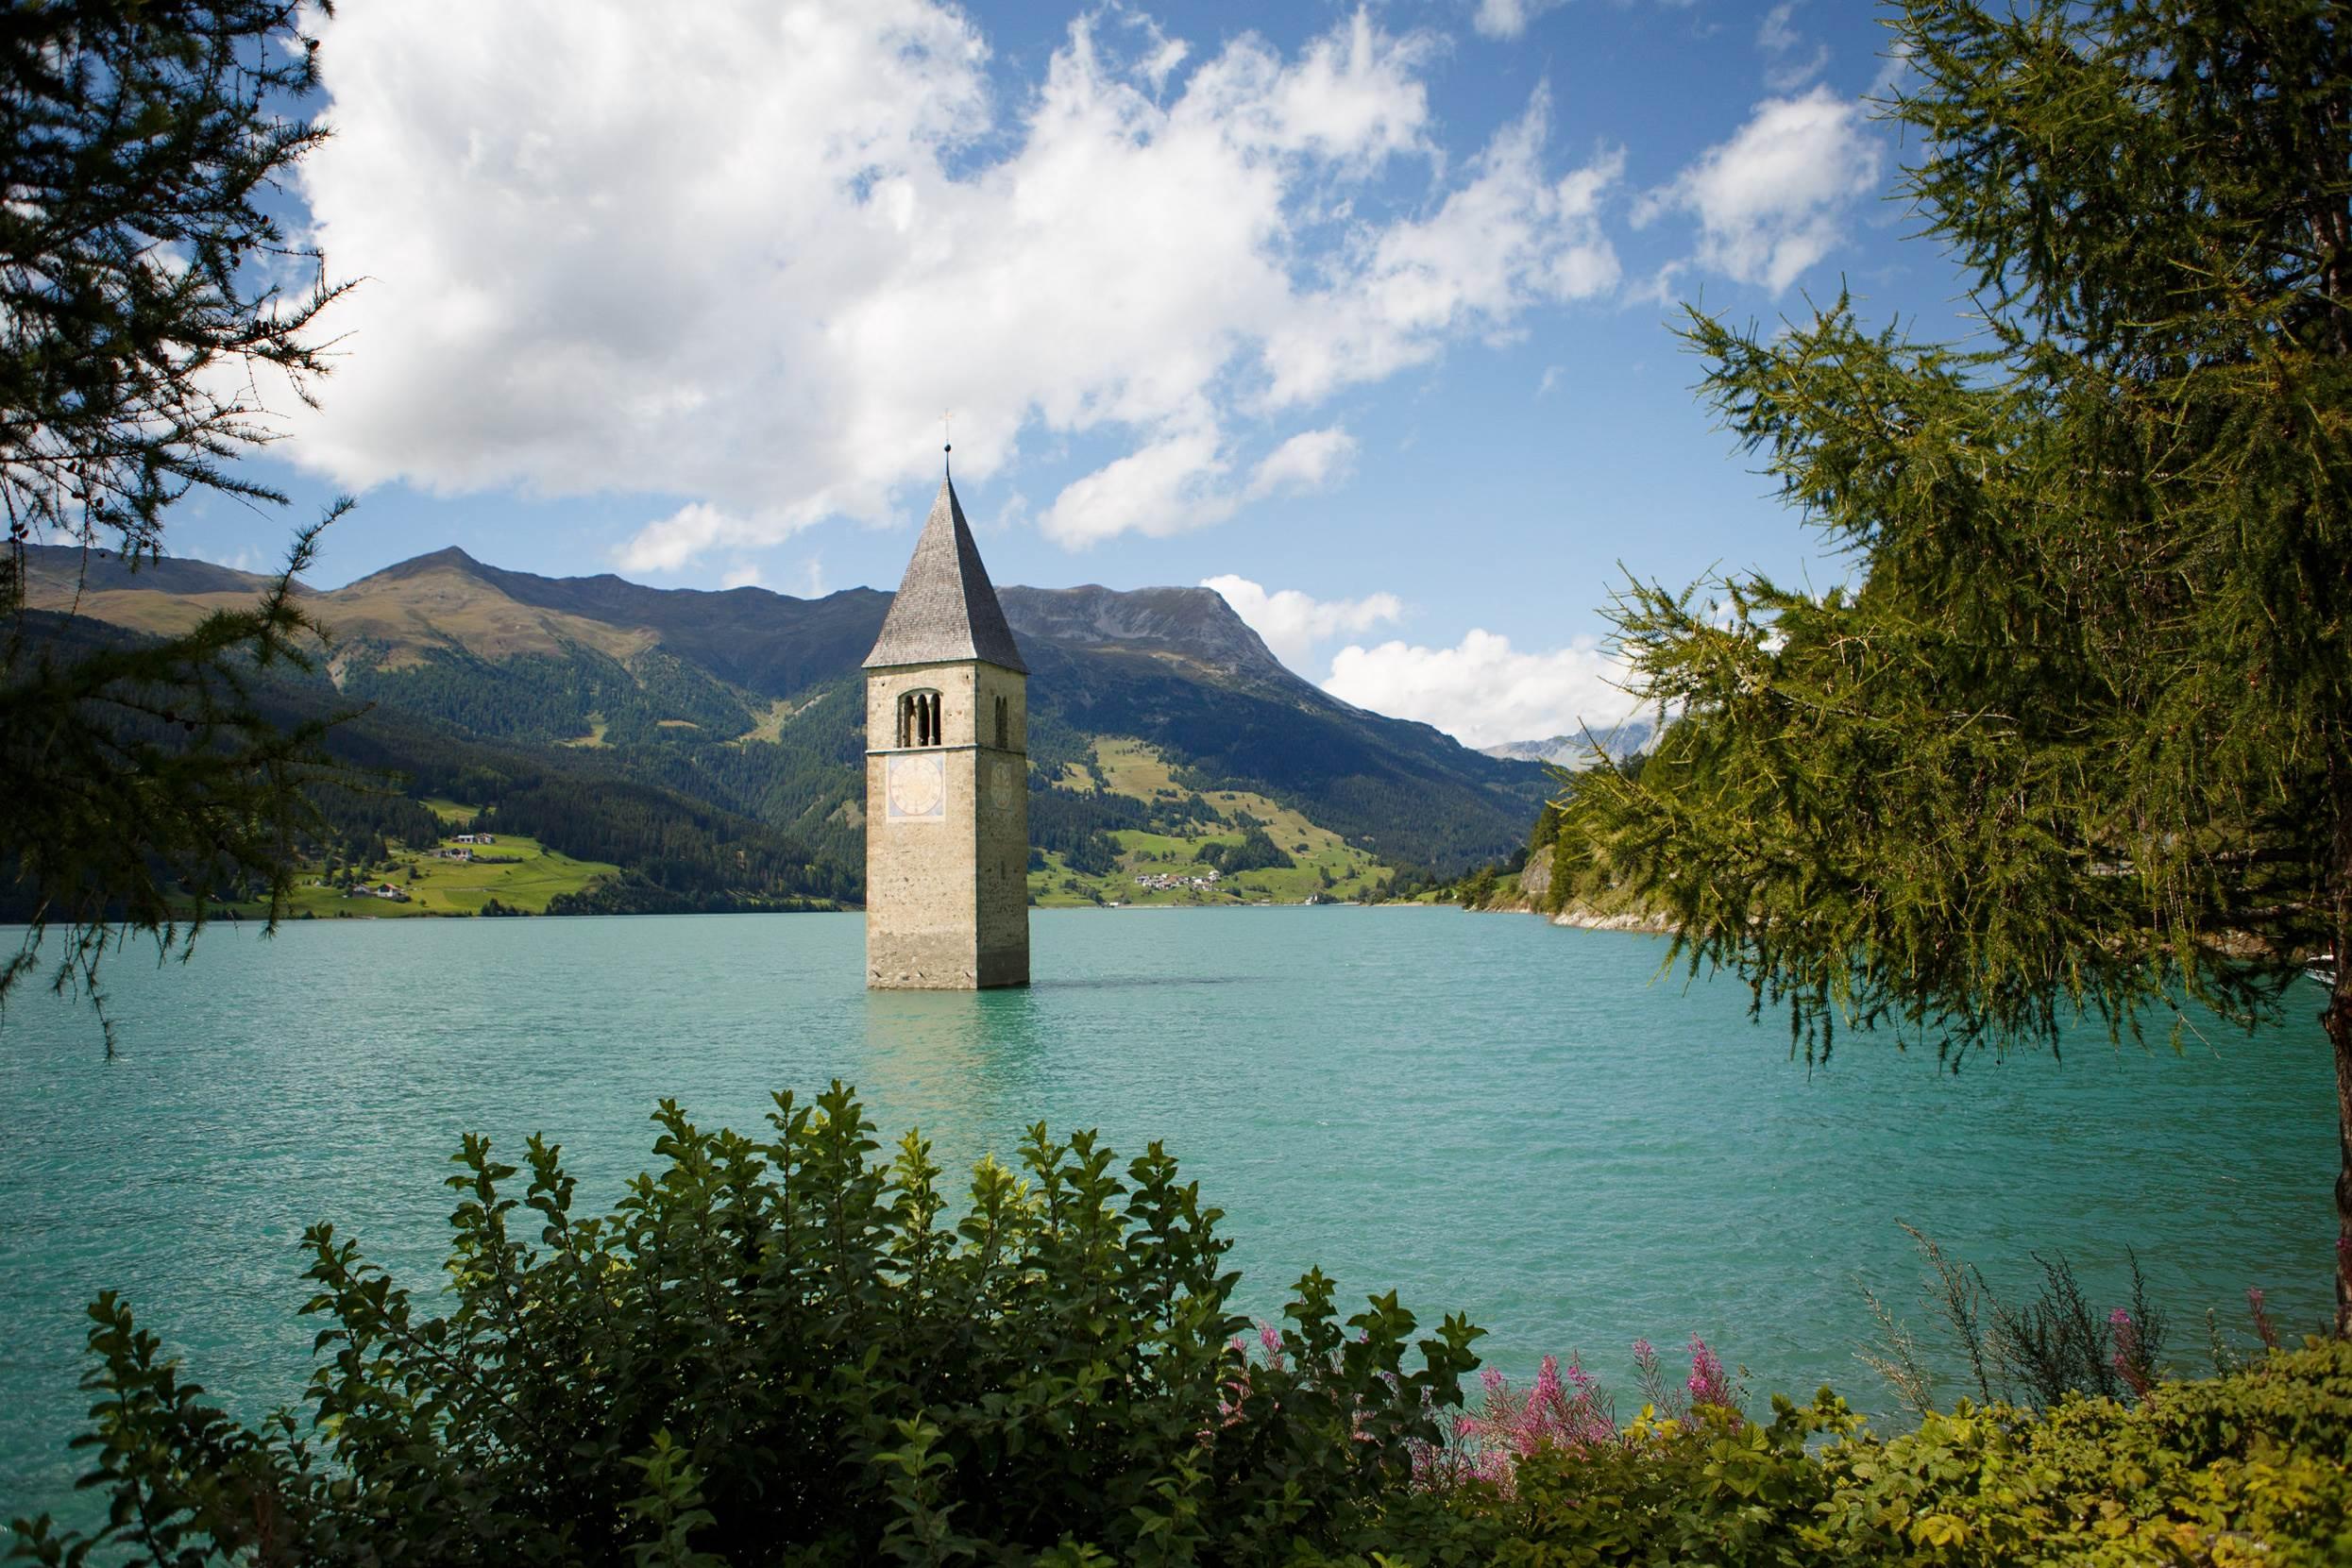 Curon i zatopiony kościół